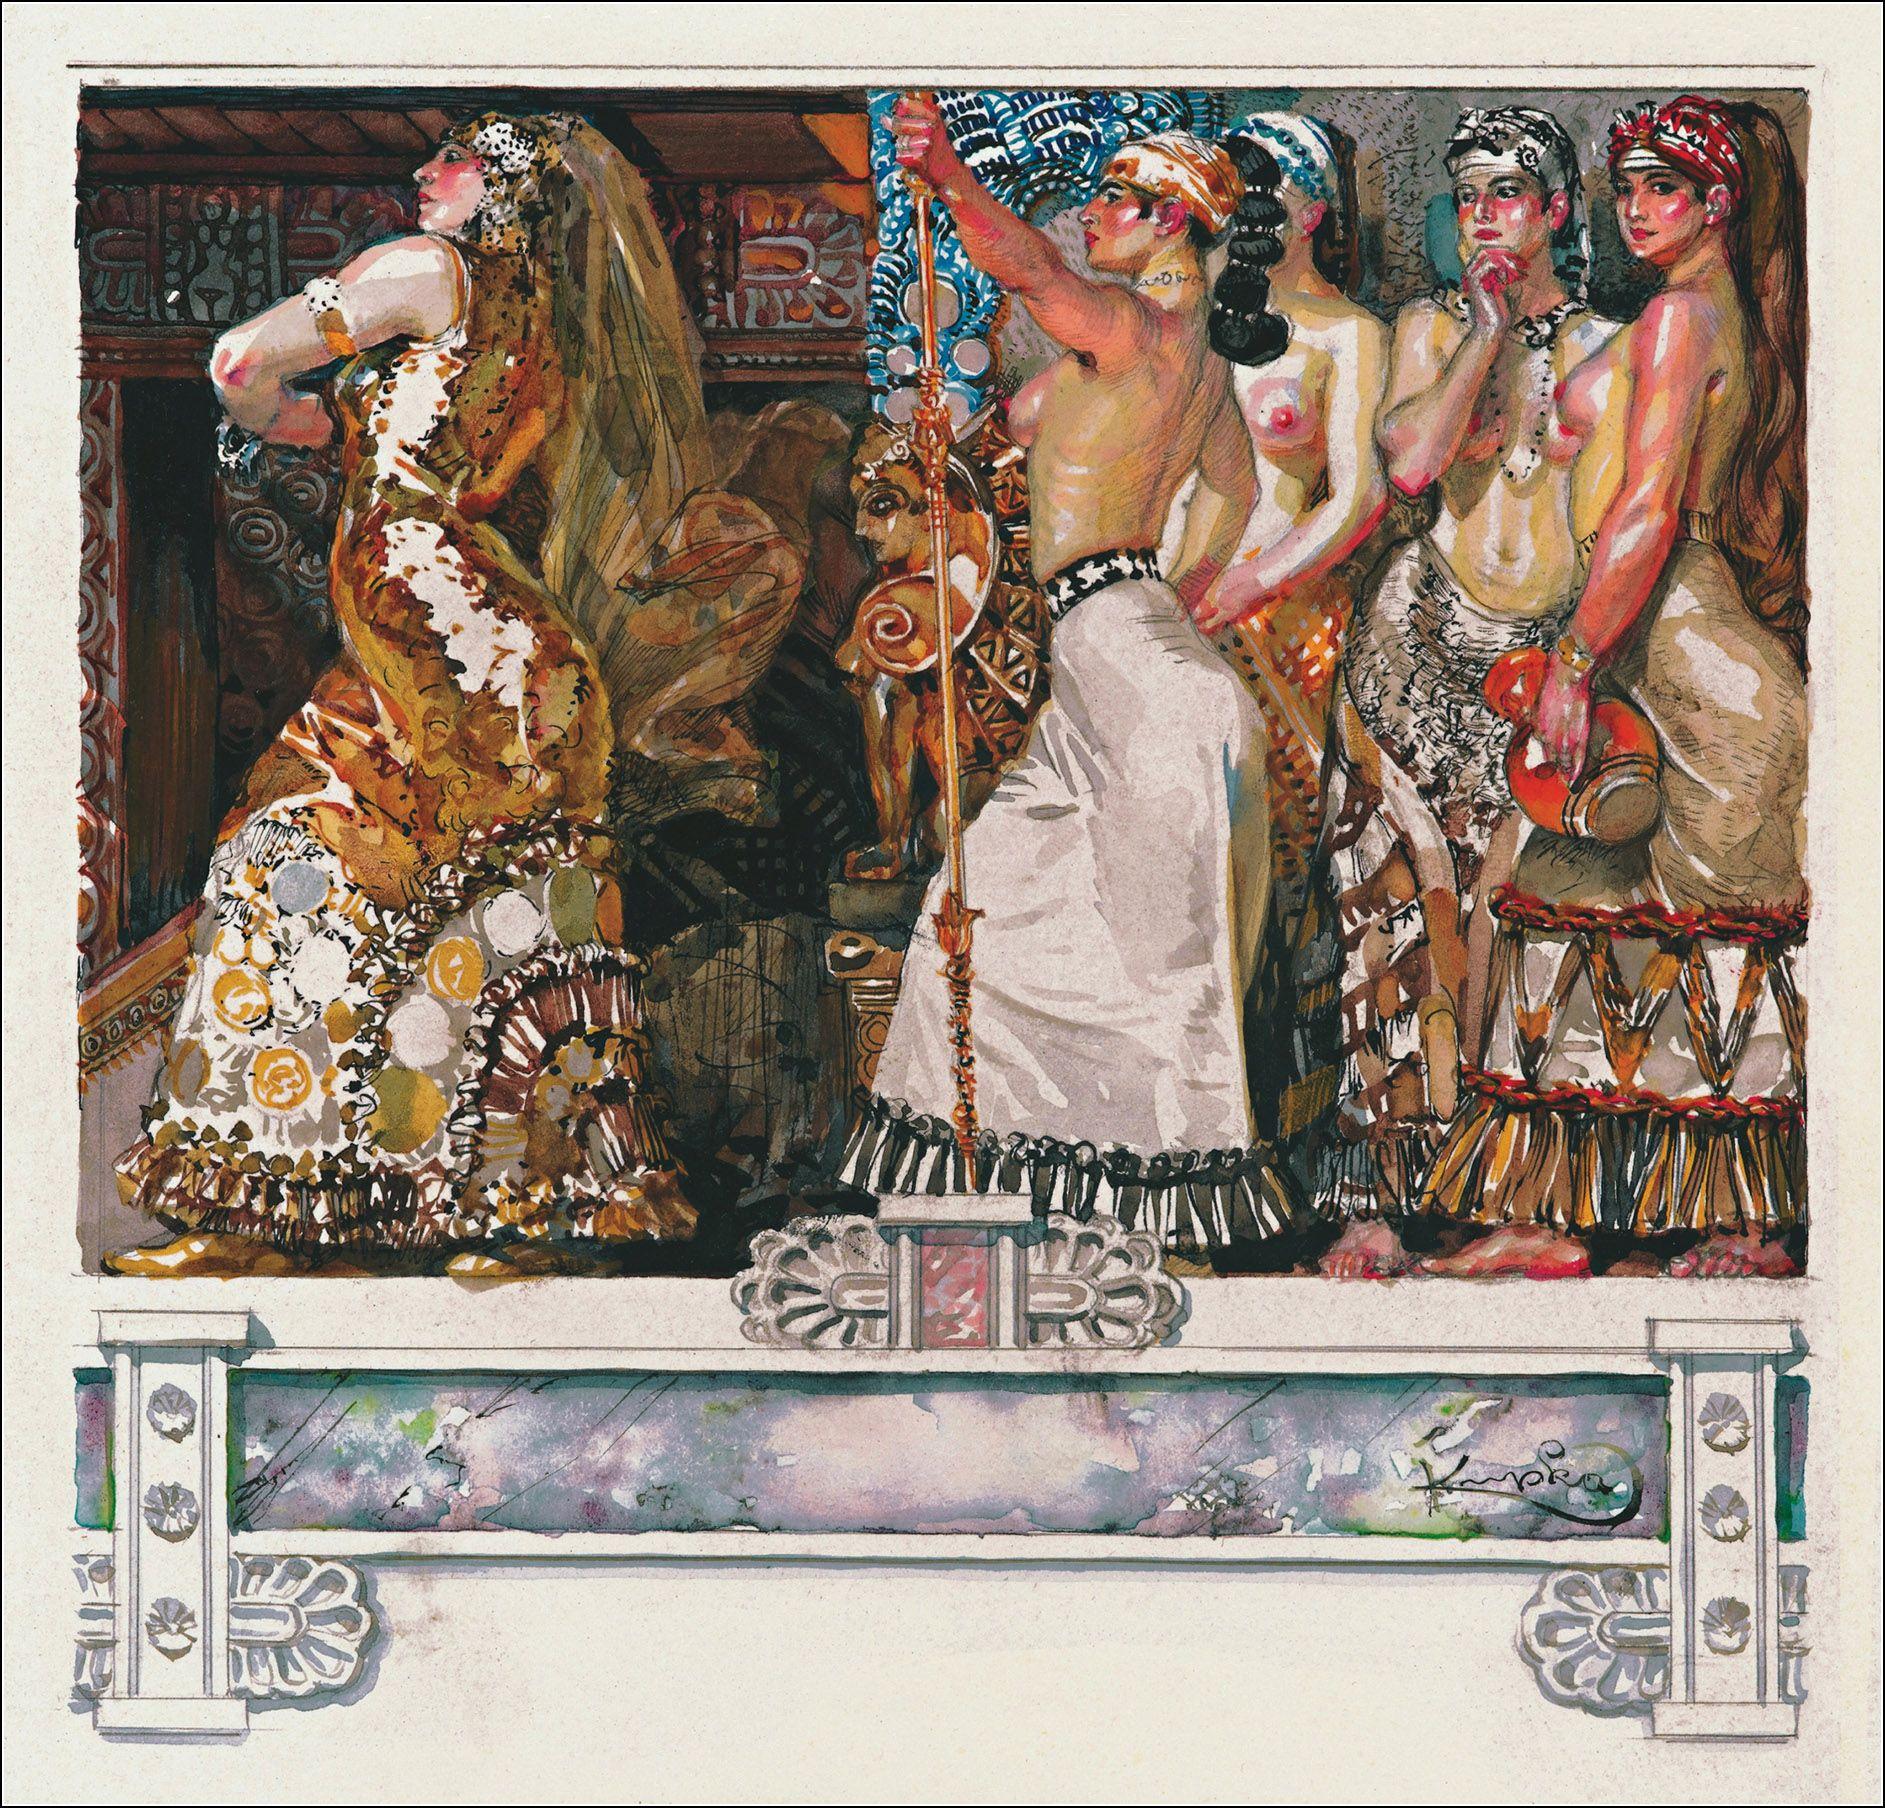 Les Erinnyes. Tragedie antique de Leconte de Lisle. Compositions gravées par François (František) KUPKA. Librairie de la Collection de A. Romagnol, 1908.